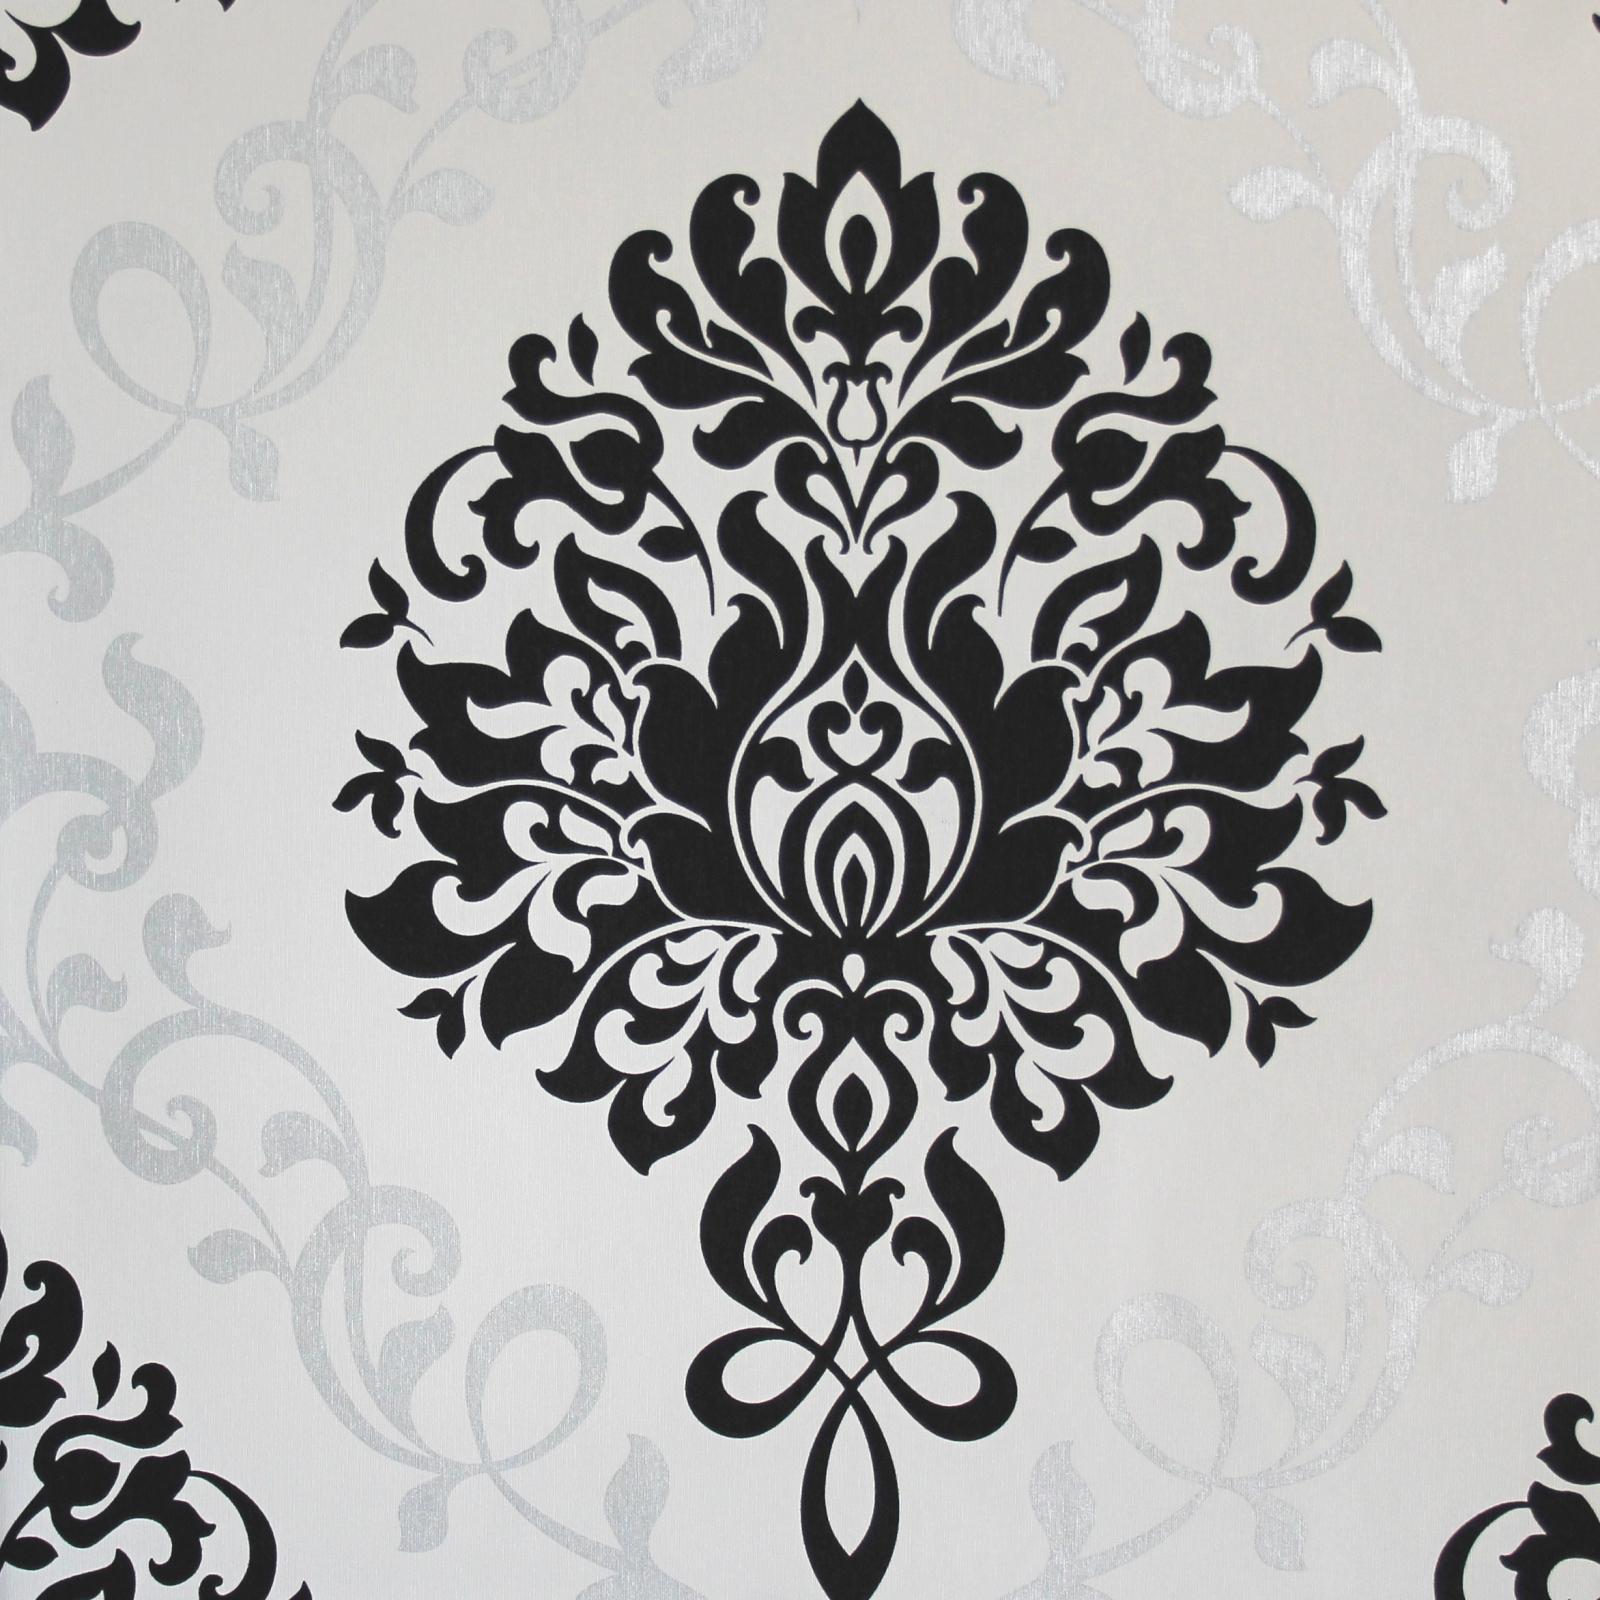 Damascata Carta Da Parati Camera Da Letto Tortora.Carta Da Parati Nuova E Moderna Con Disegno Barocco E Damasco Nero